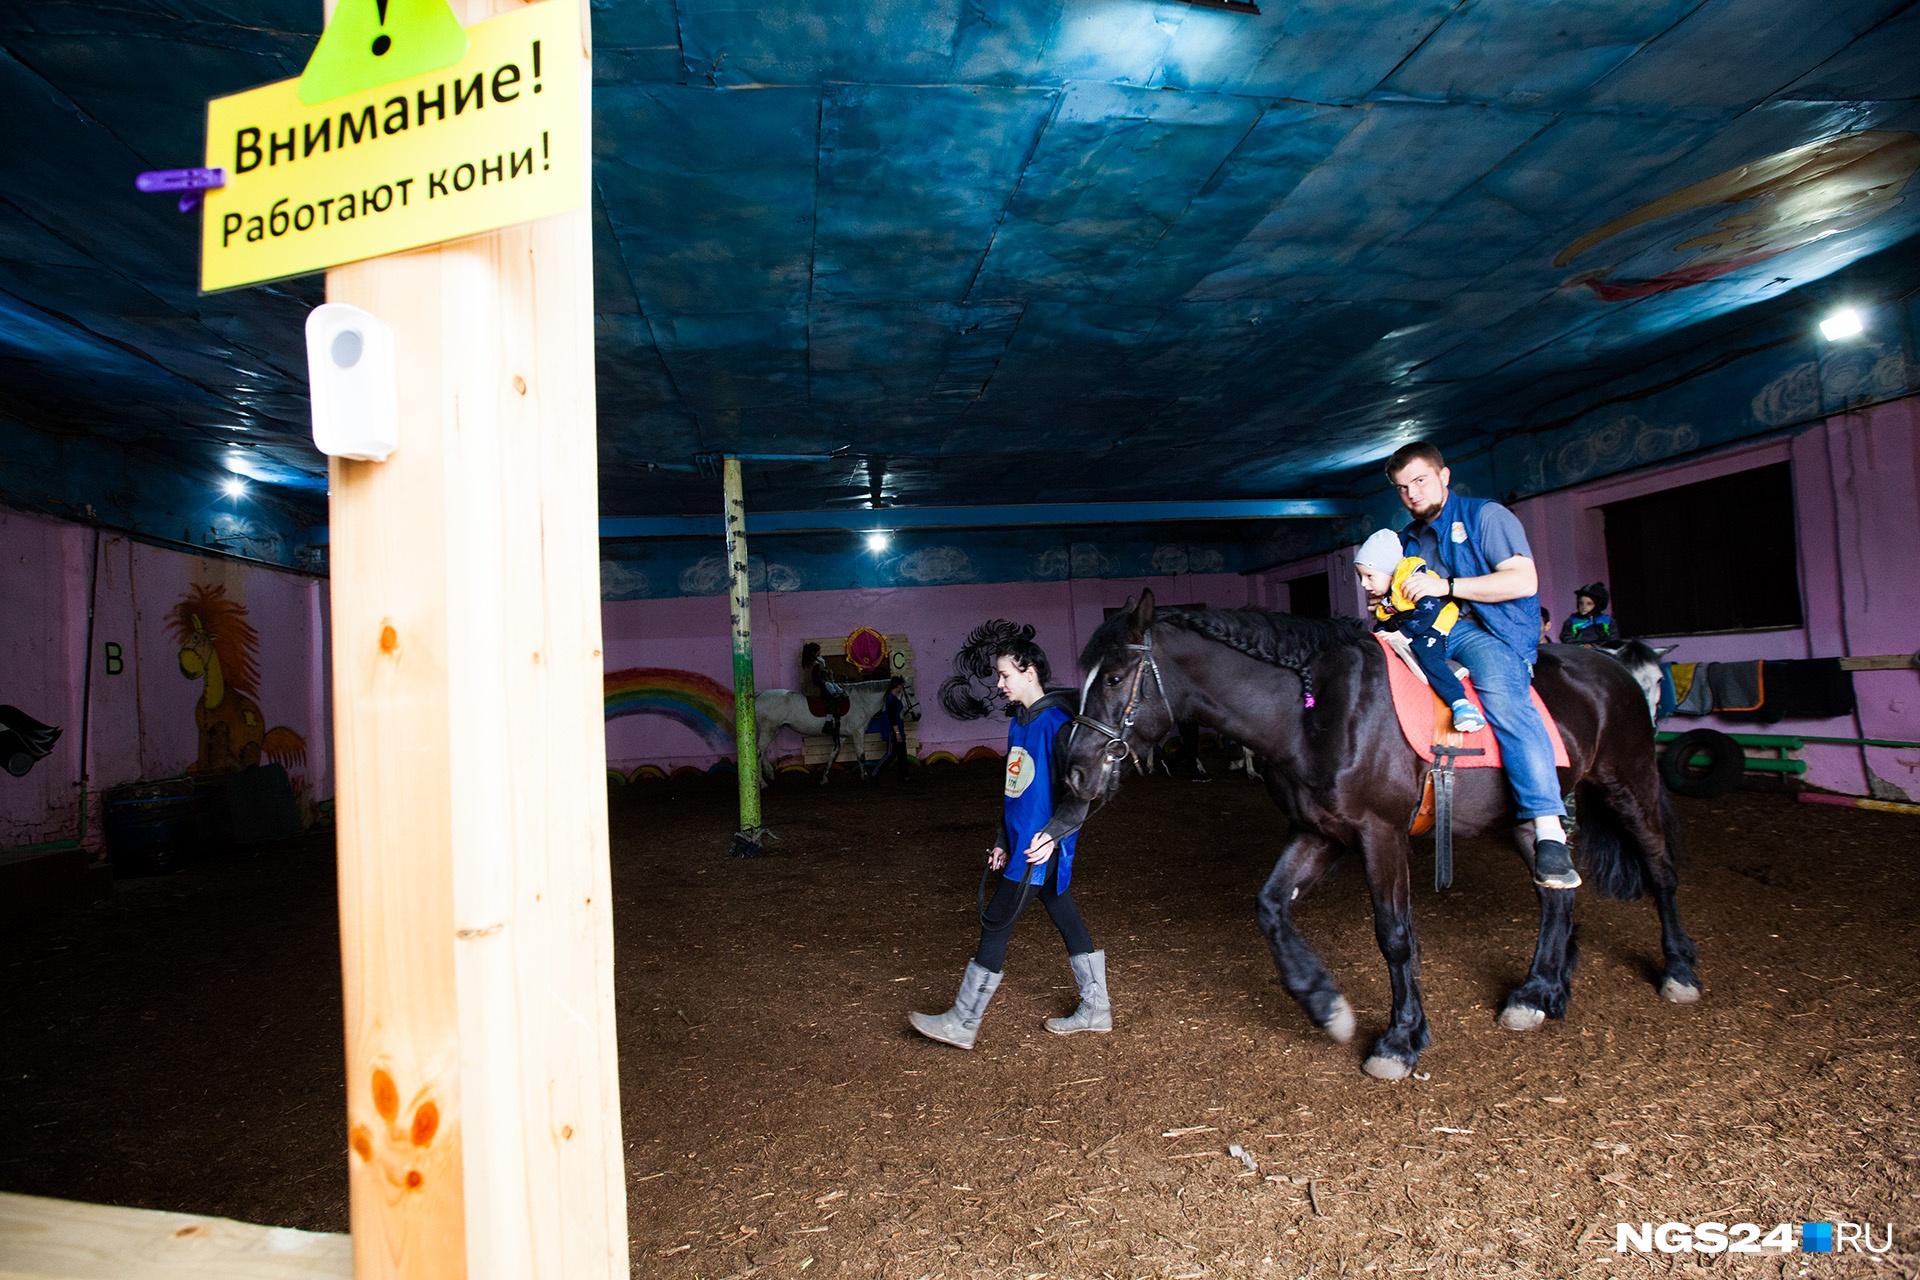 Лошади на манеже каждый день помогают детям чувствовать себя лучше. Конюшня работает как некоммерческая организация